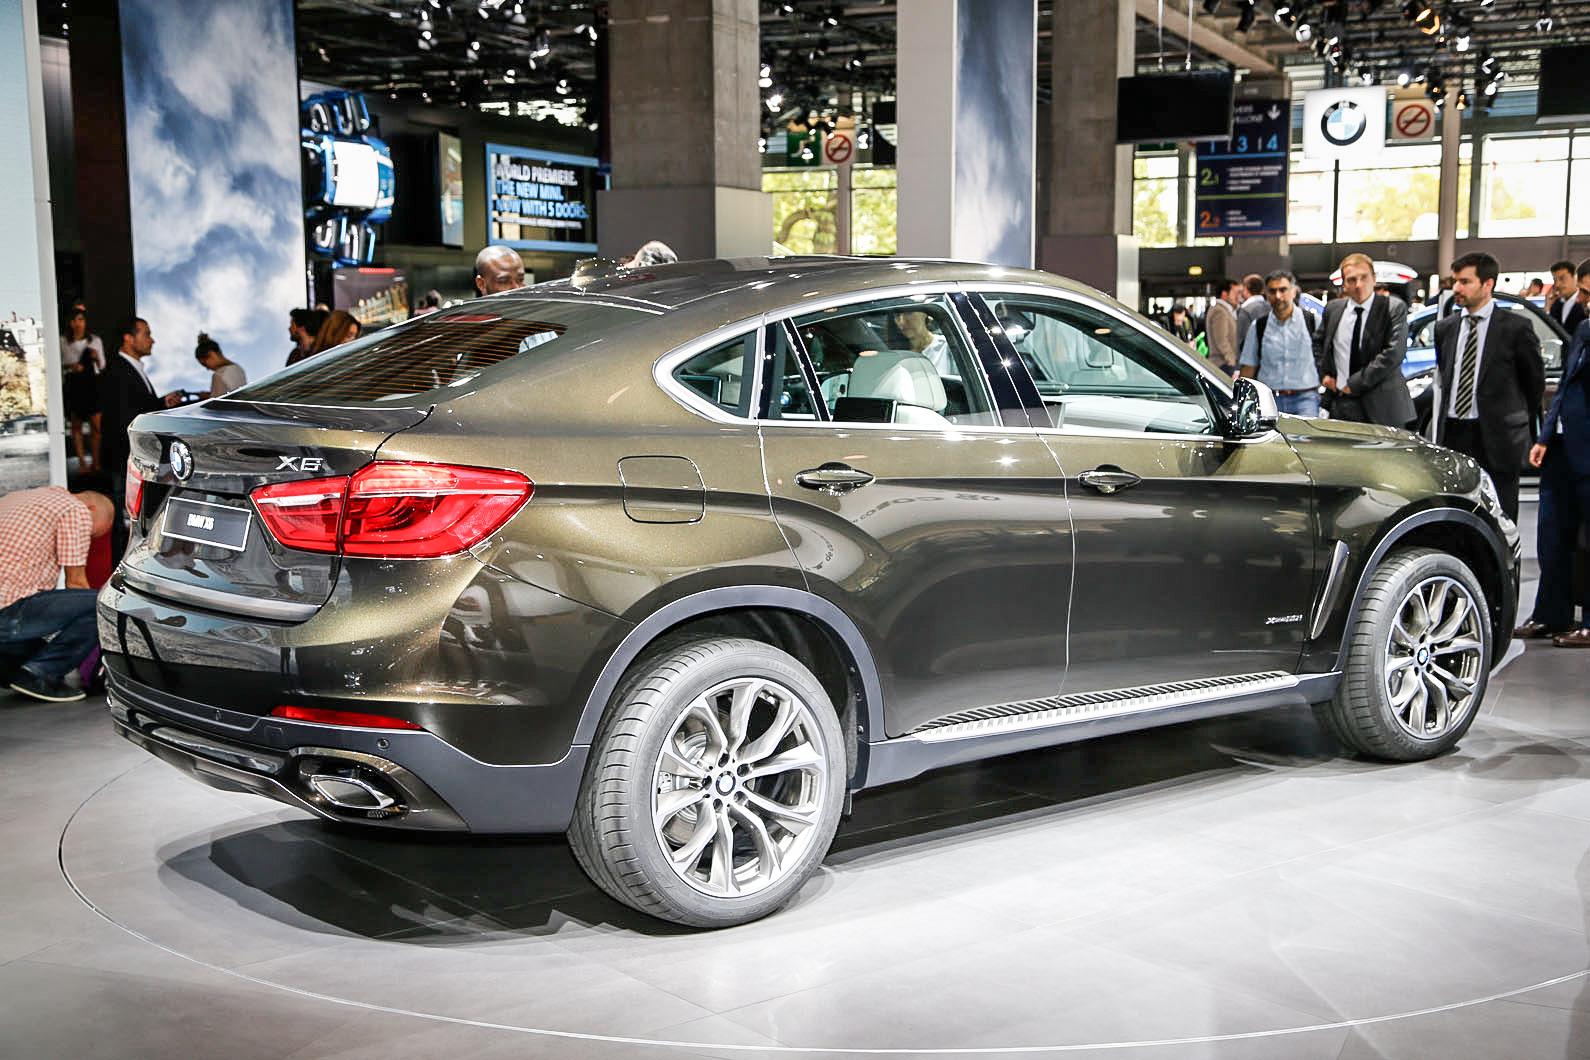 New Bmw X6 Launch Delayed Until Paris Motor Show Autocar